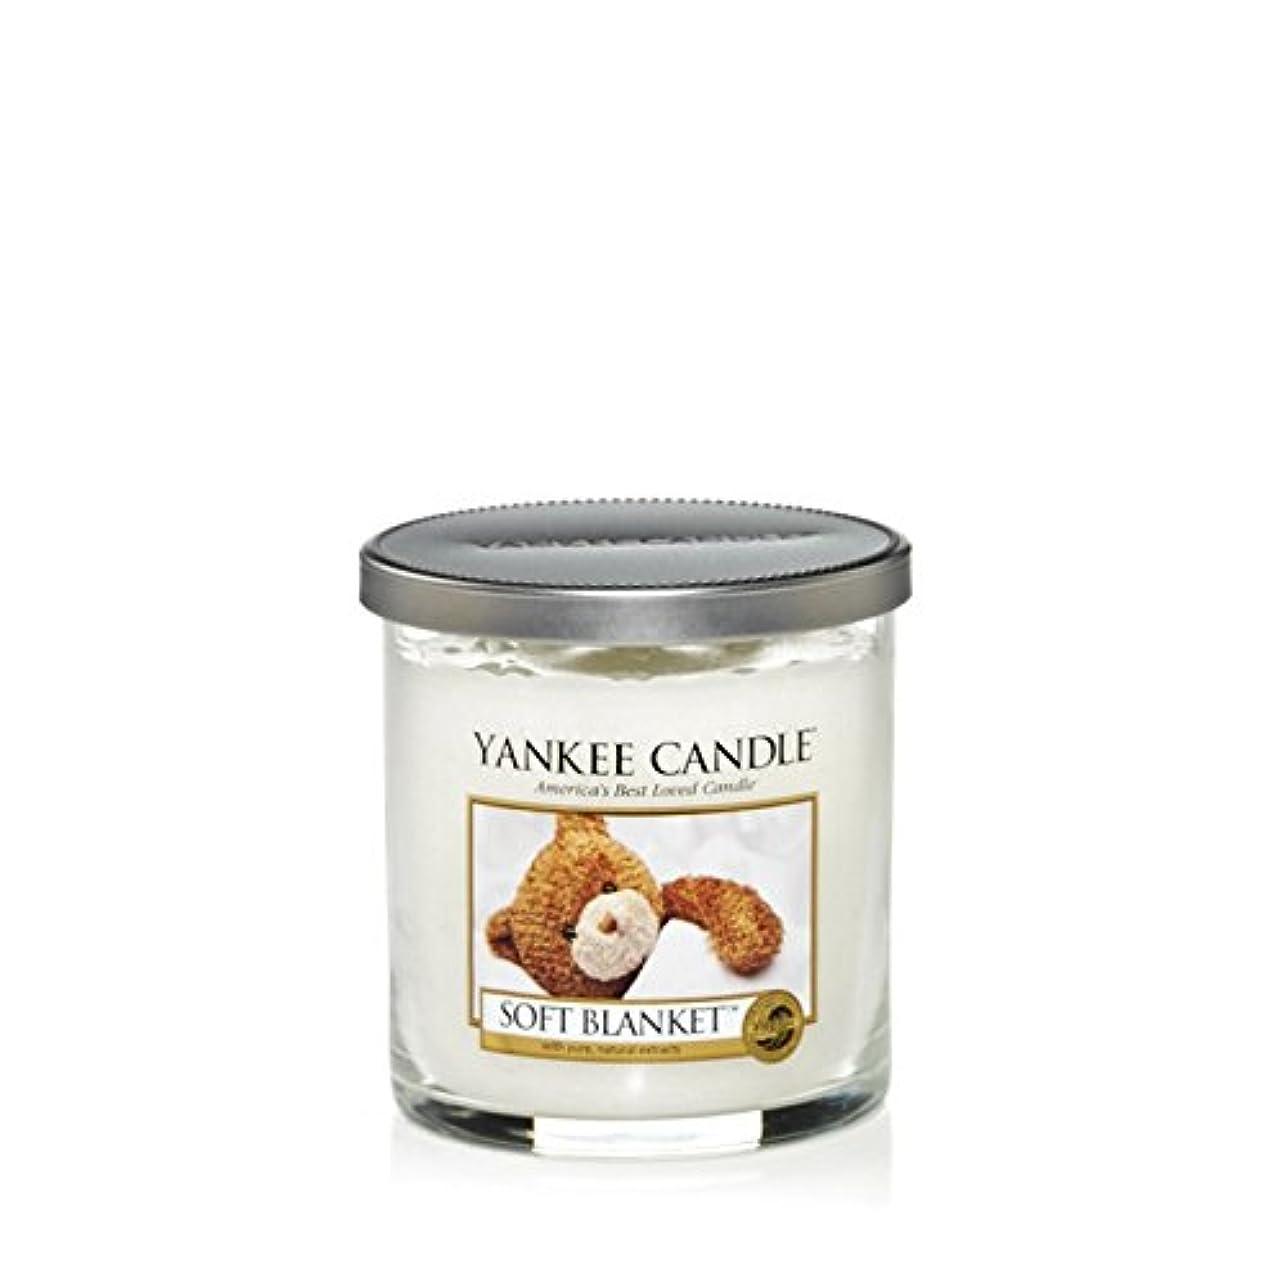 除外するポスターきょうだいYankee Candles Small Pillar Candle - Soft Blanket (Pack of 2) - ヤンキーキャンドルの小さな柱キャンドル - ソフト毛布 (x2) [並行輸入品]